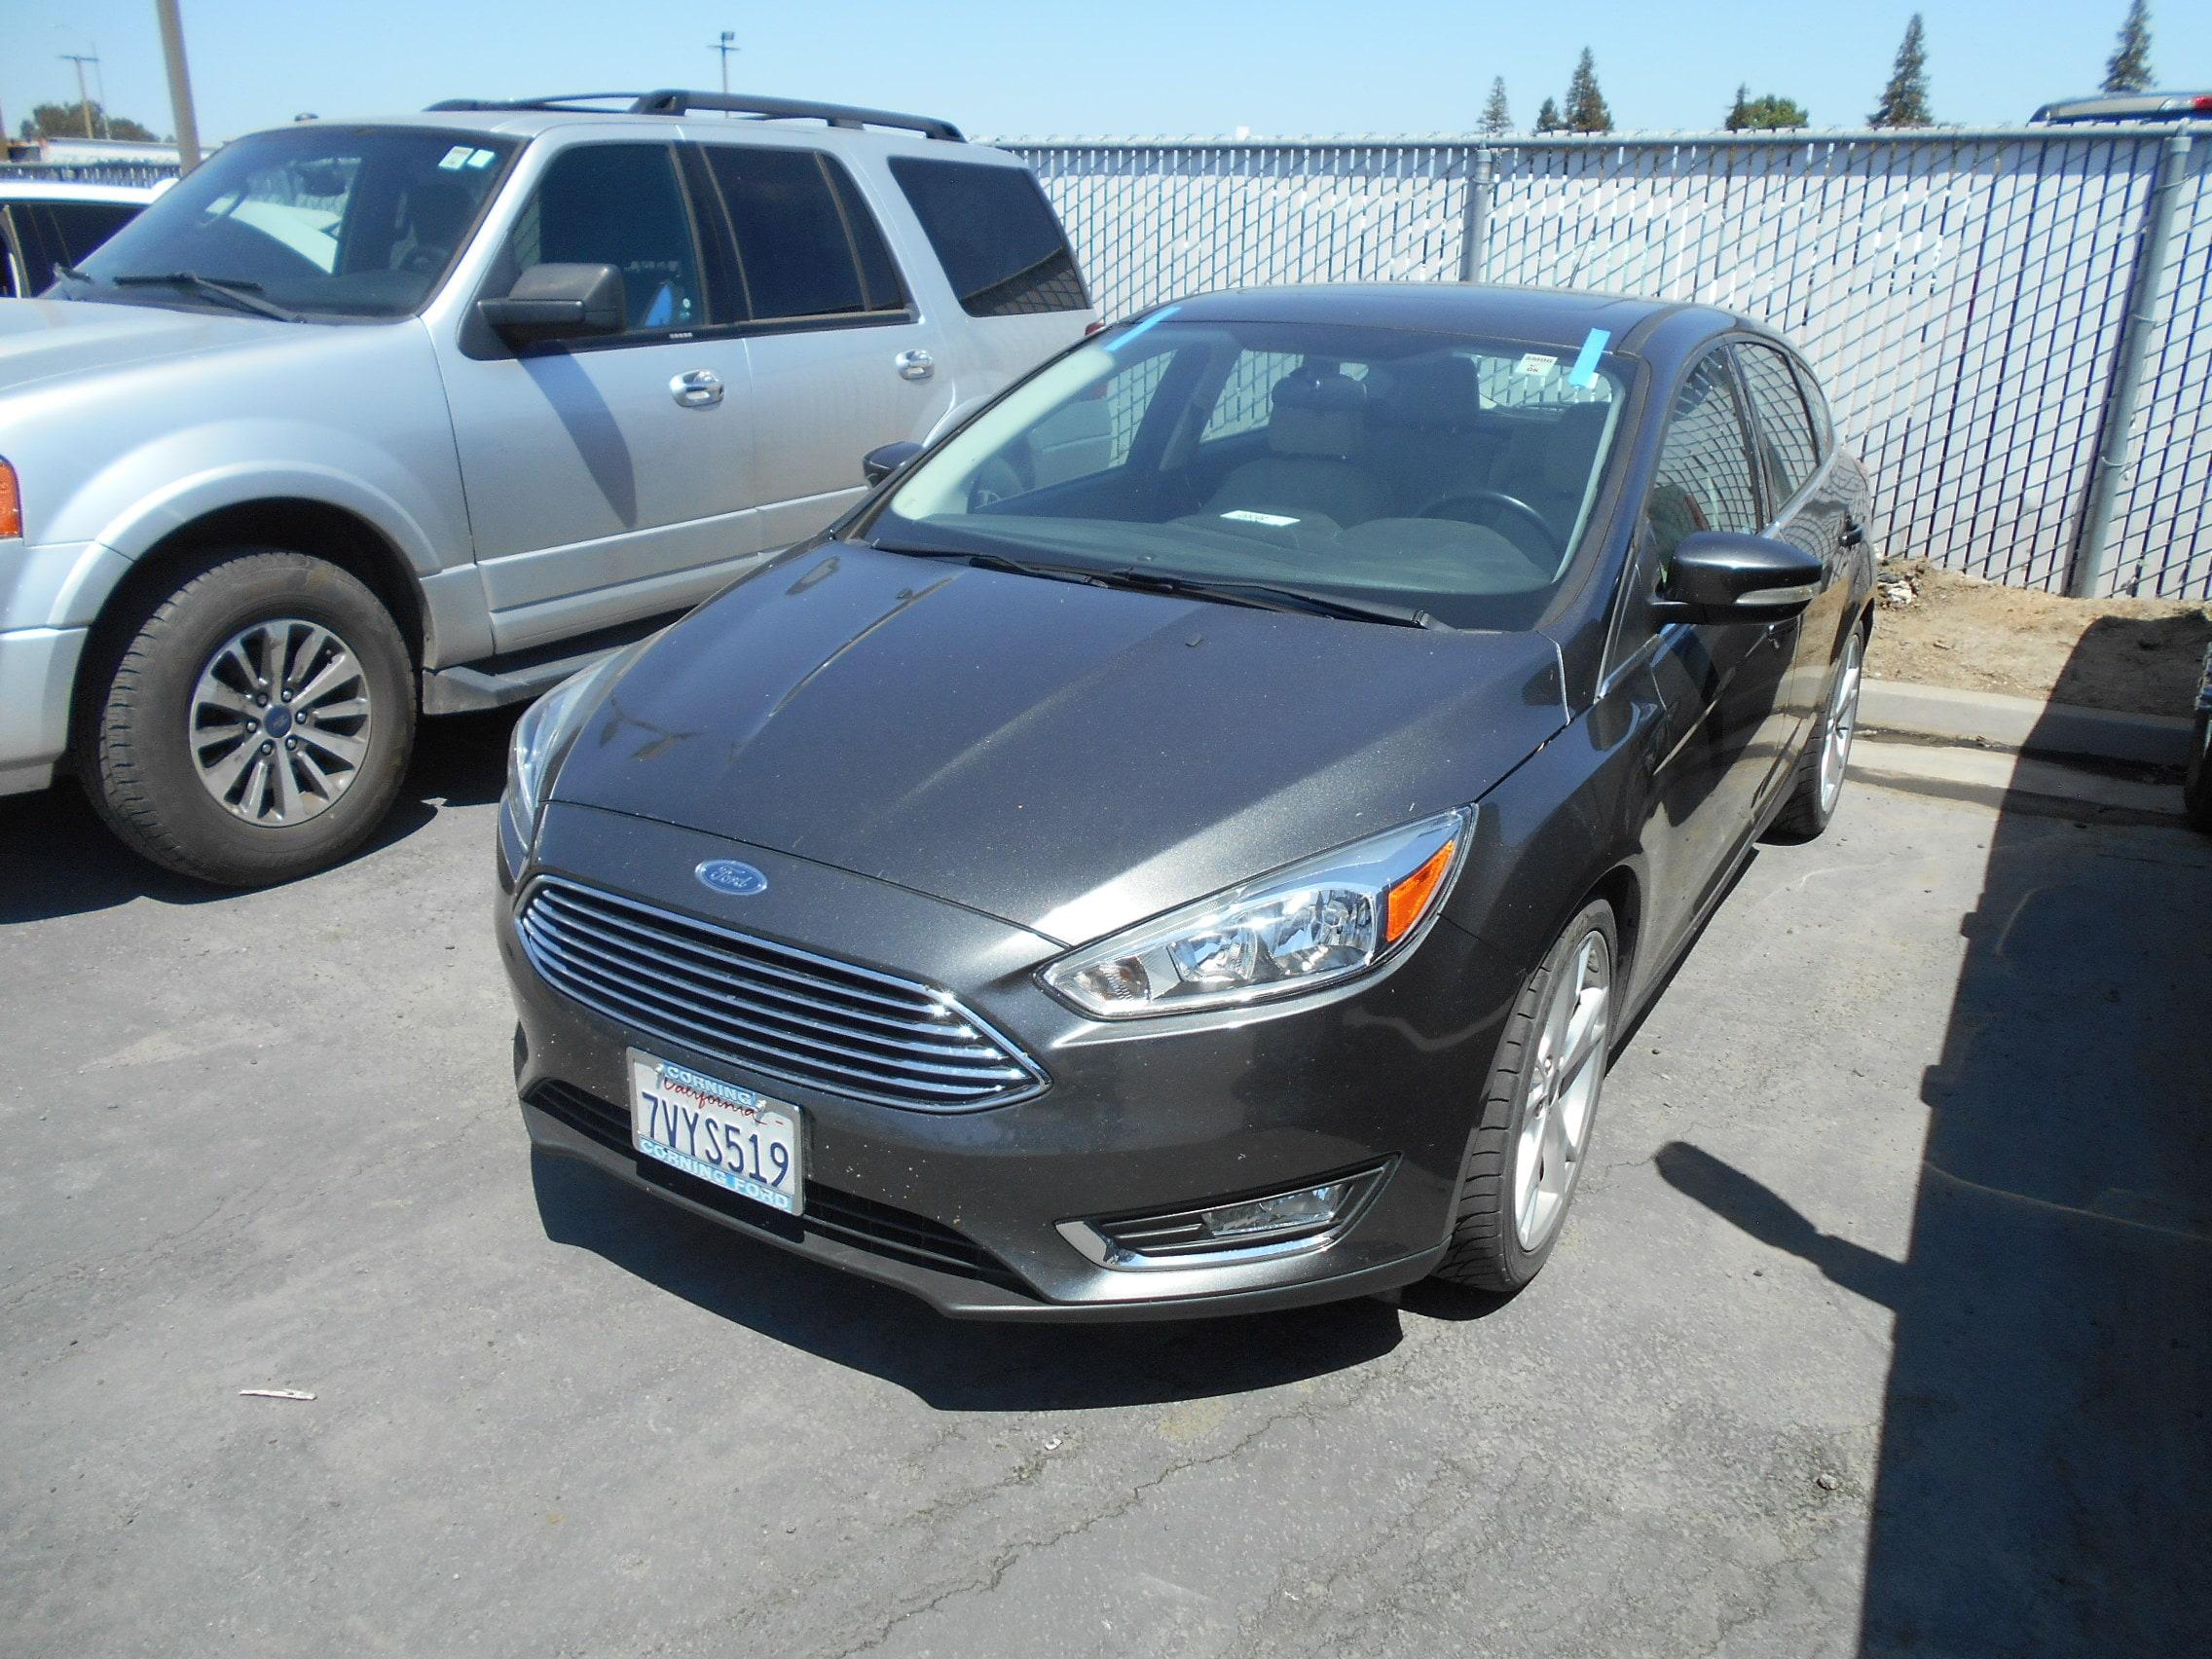 2016 Ford Focus Hatchback